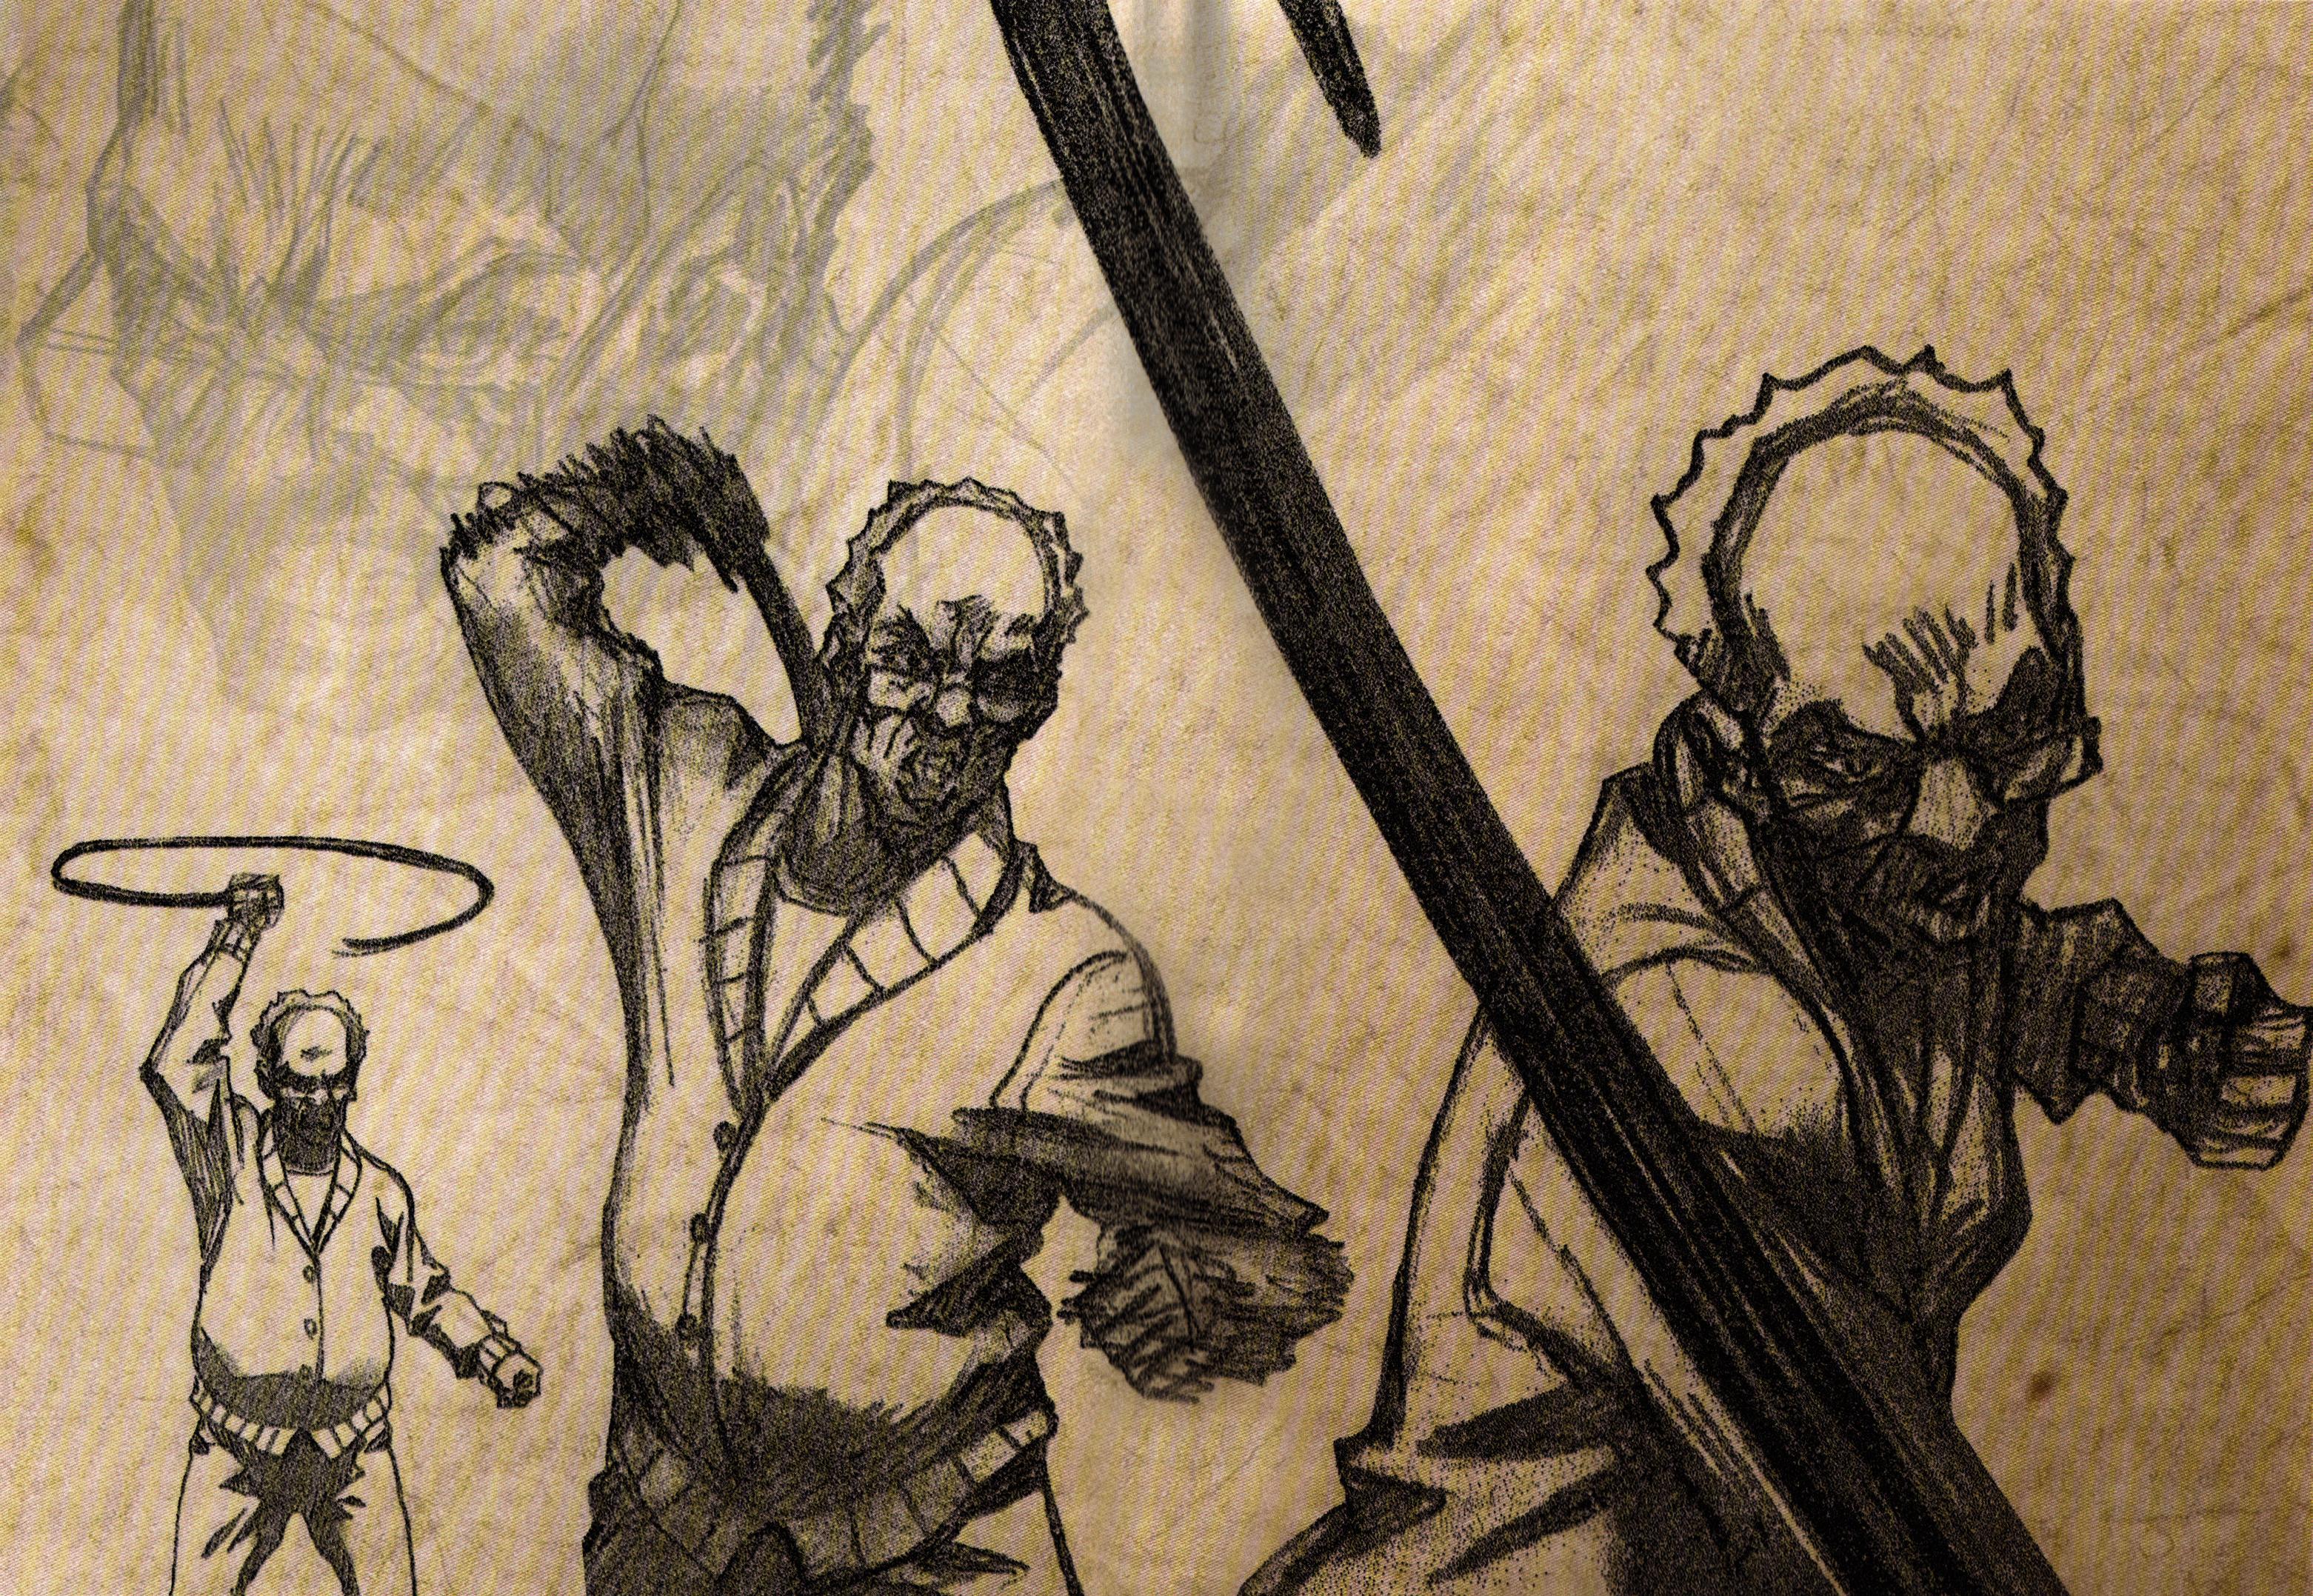 The Boondocks Wallpaper - Robert Freeman by Razpootin on